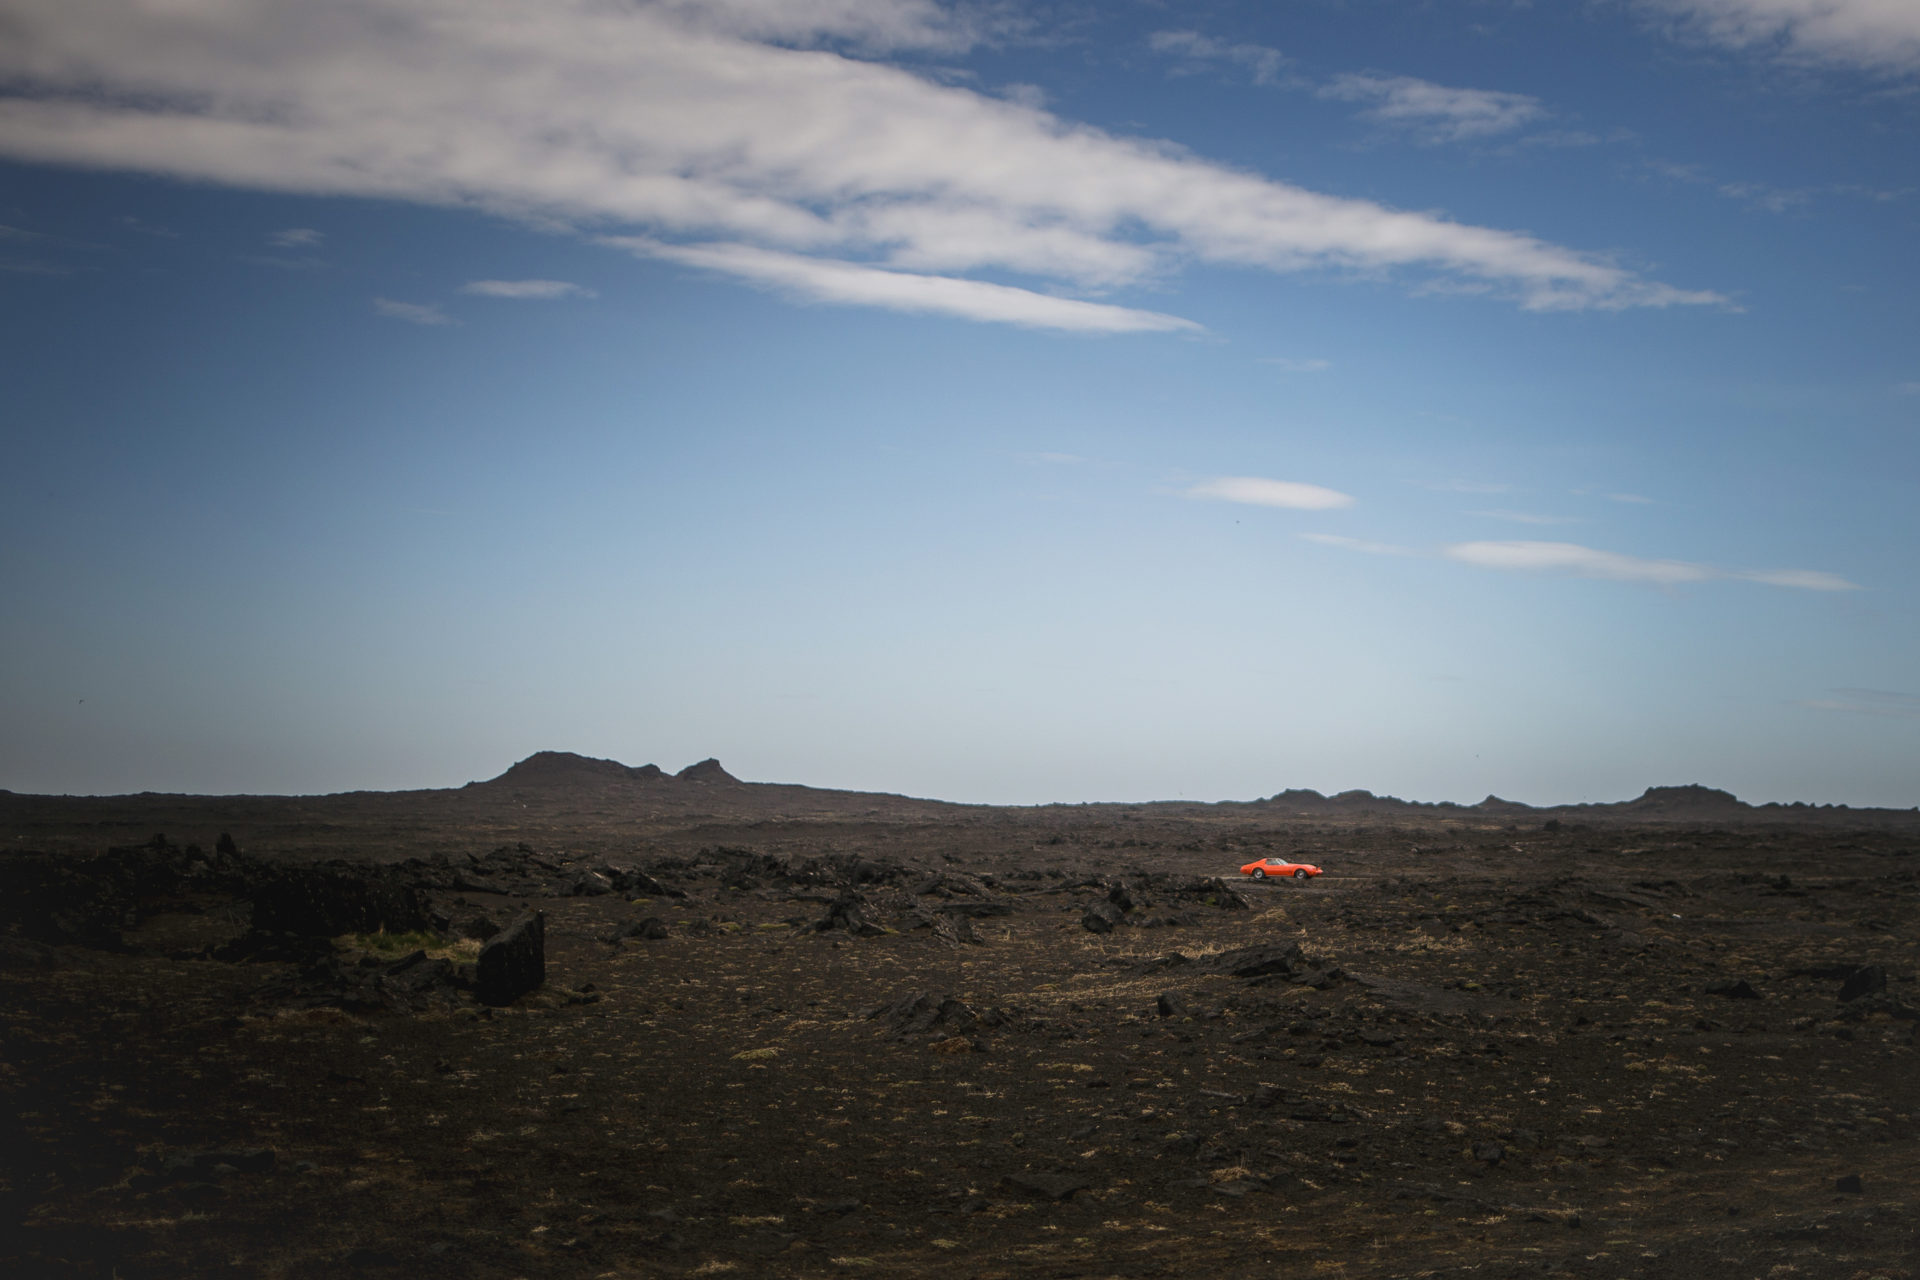 Iceland_Island_0010_Carolin-Weinkopf